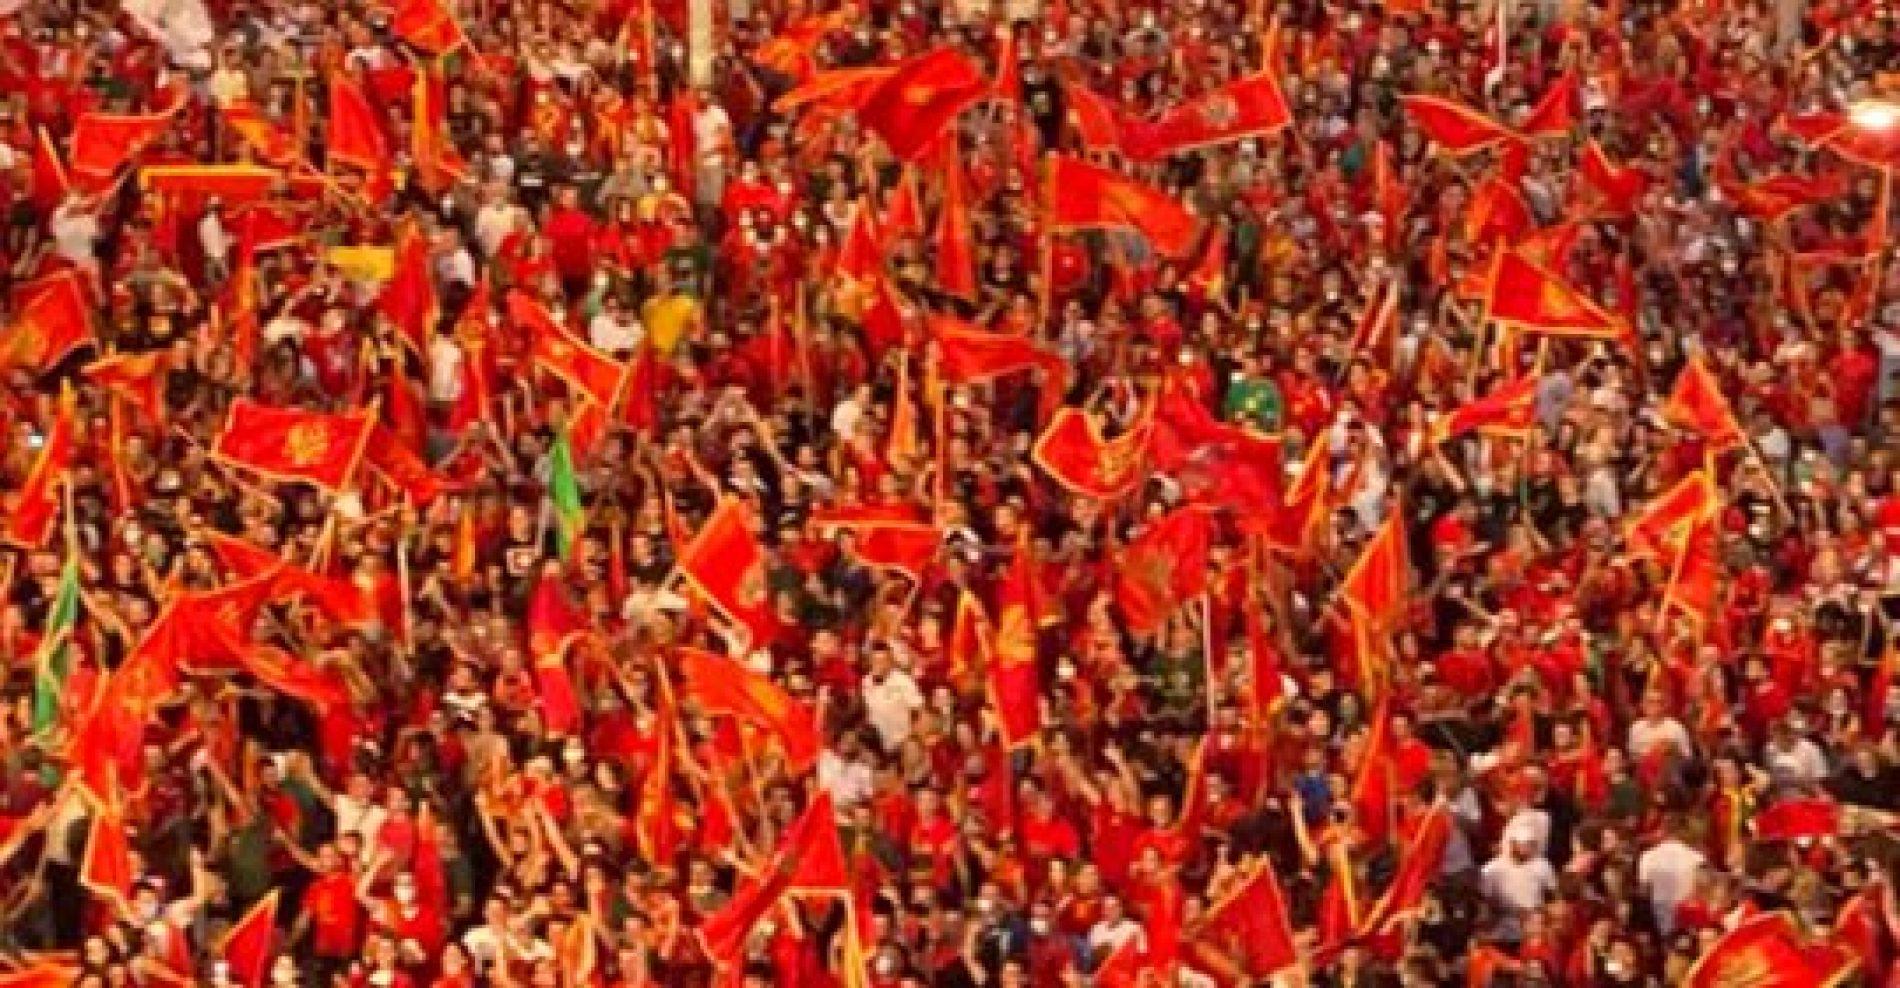 Poruka iz Crne Gore: Ne damo državu! Nećemo se dati ravnogorskoj fukari